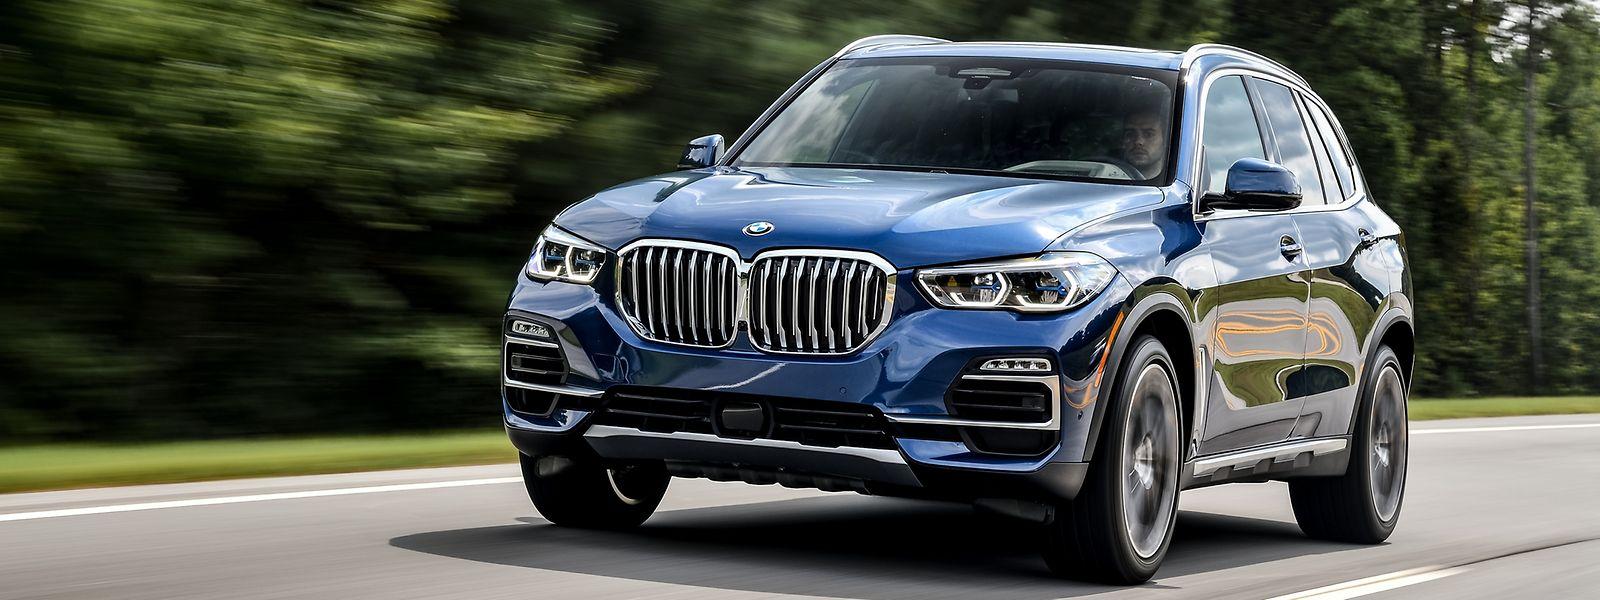 Der neue BMW X5 wirkt deutlich stattlicher als das Vorgängermodell.